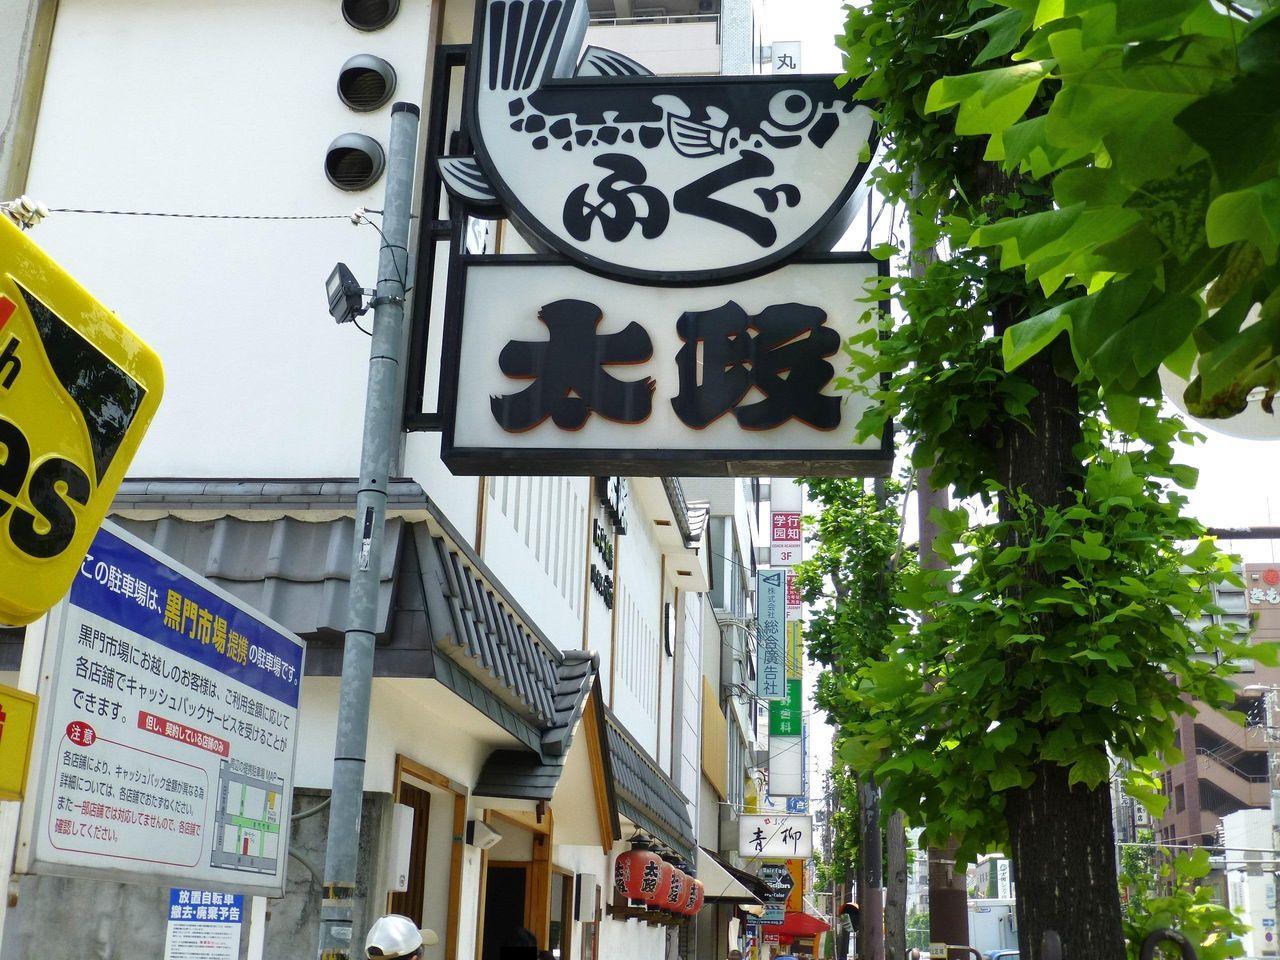 太政は、黒門市場のすぐ近く、堺筋沿いにあります!